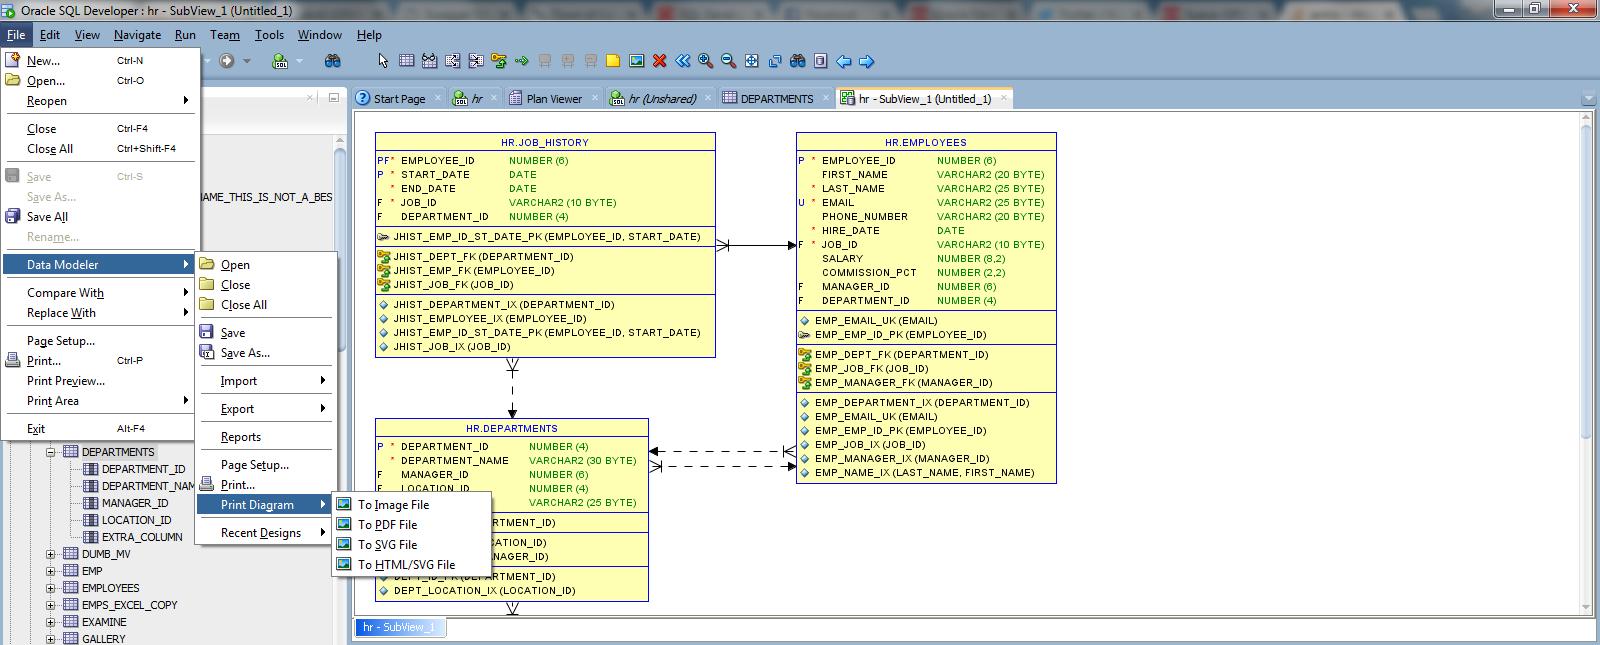 How To Export Erd Diagram To Image In Oracle Data Modeler